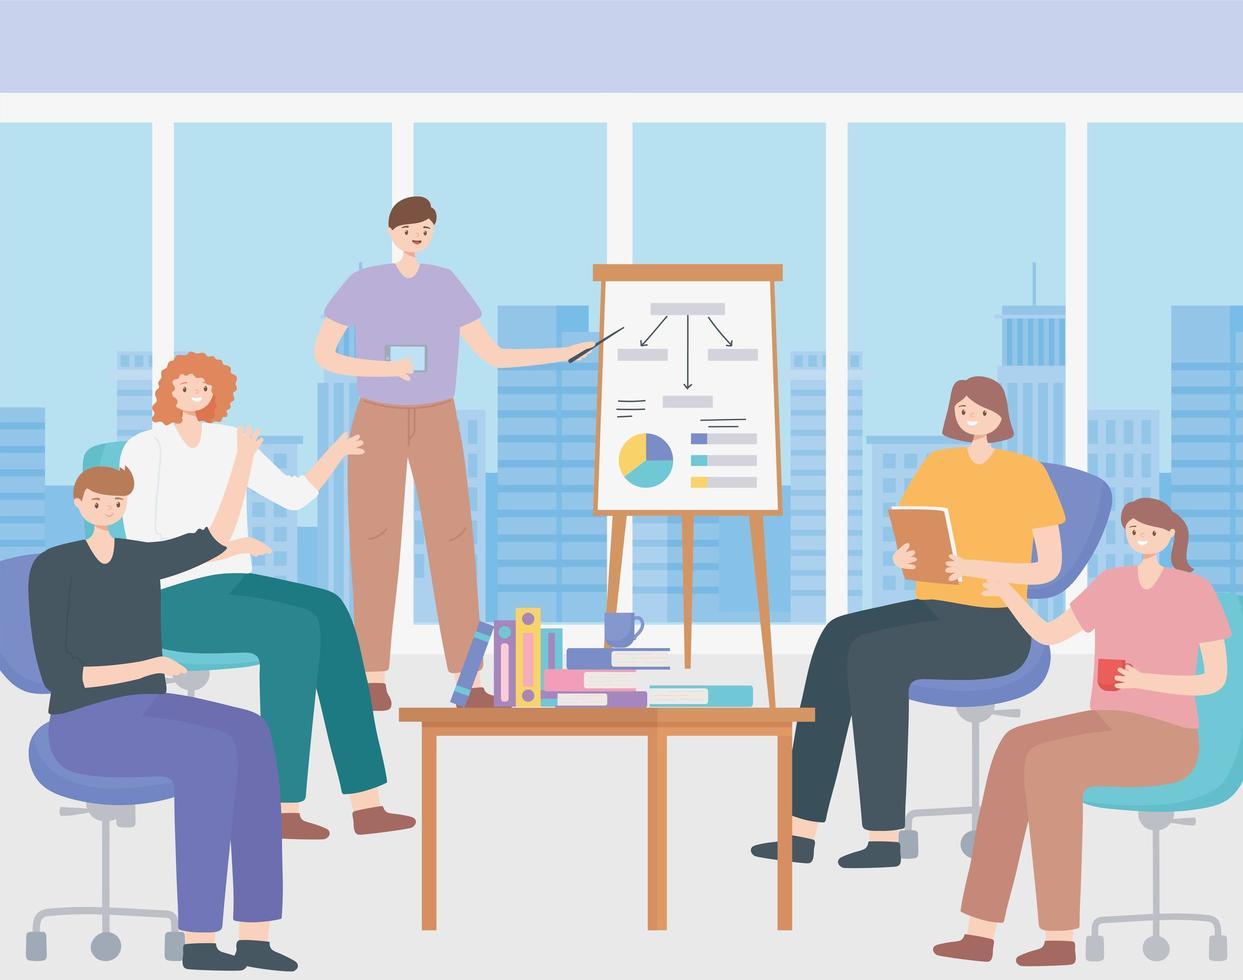 concept de coworking avec des personnes lors d'une présentation de réunion vecteur